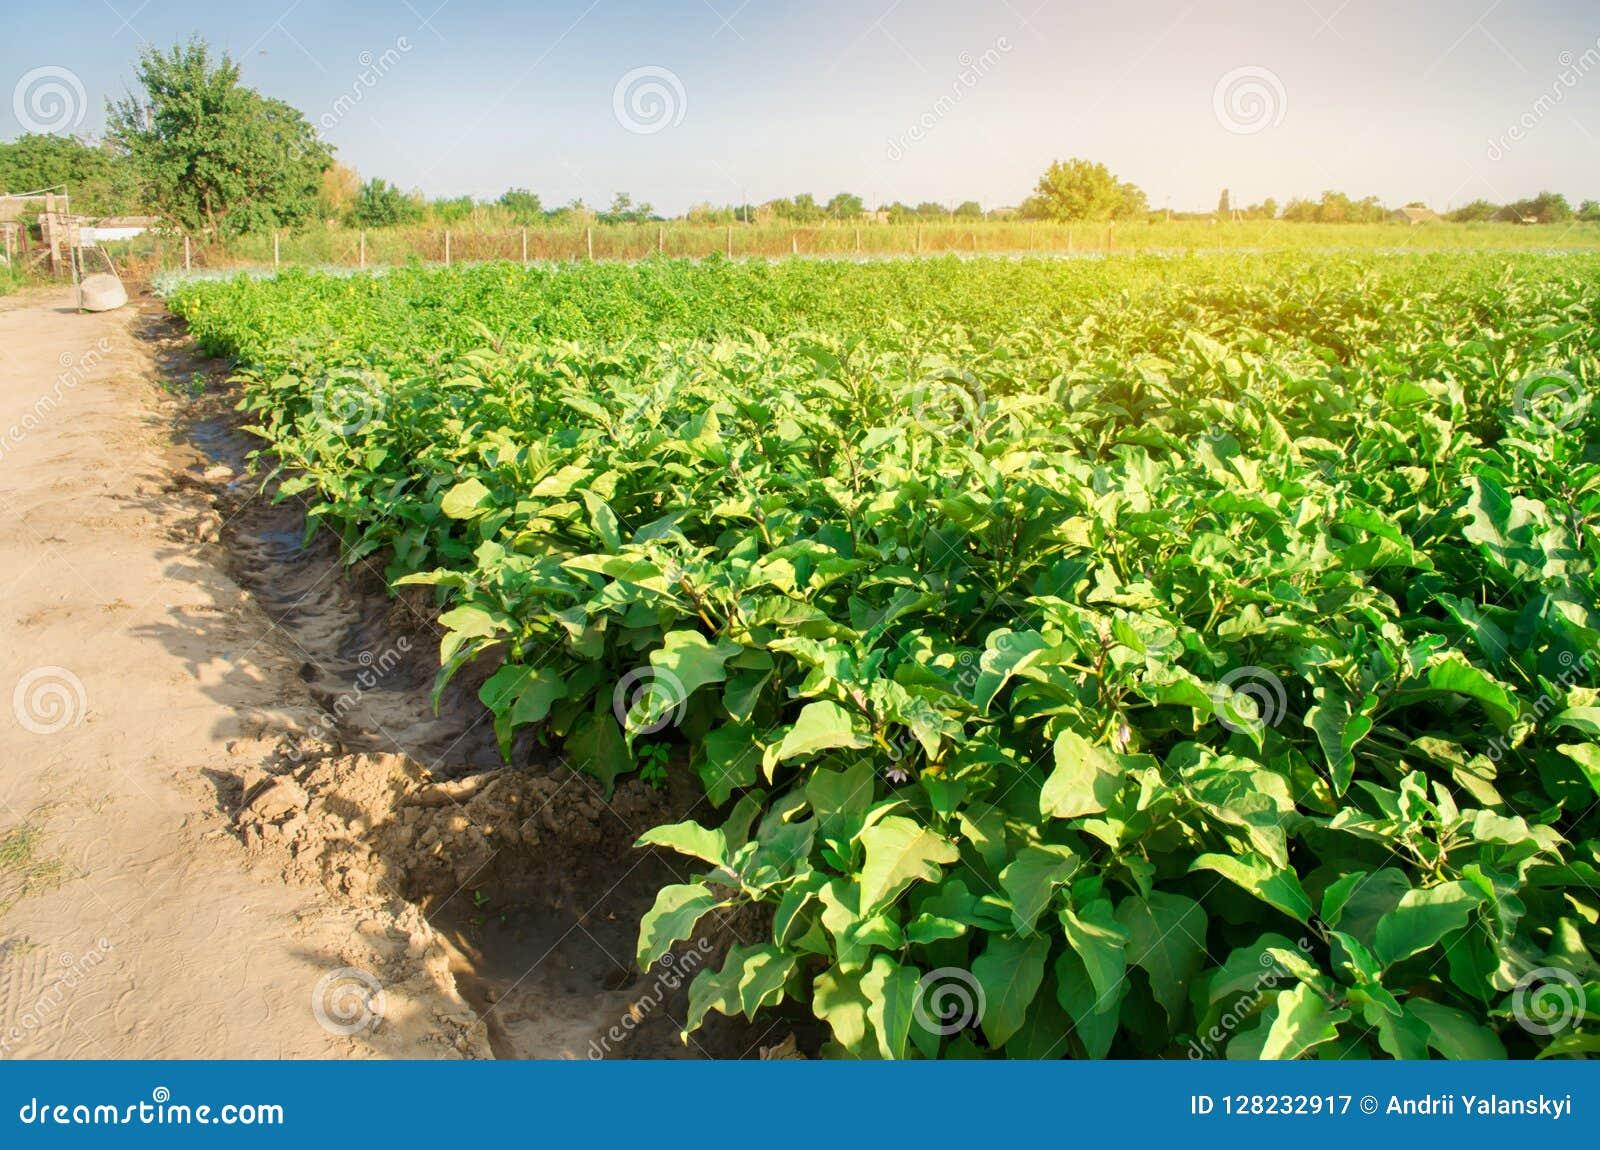 Οι μελιτζάνες αυξάνονται στον τομέα φυτικές σειρές Γεωργία, λαχανικά, οργανικά αγροτικά προϊόντα, αγροβιομηχανία farmlands AUB